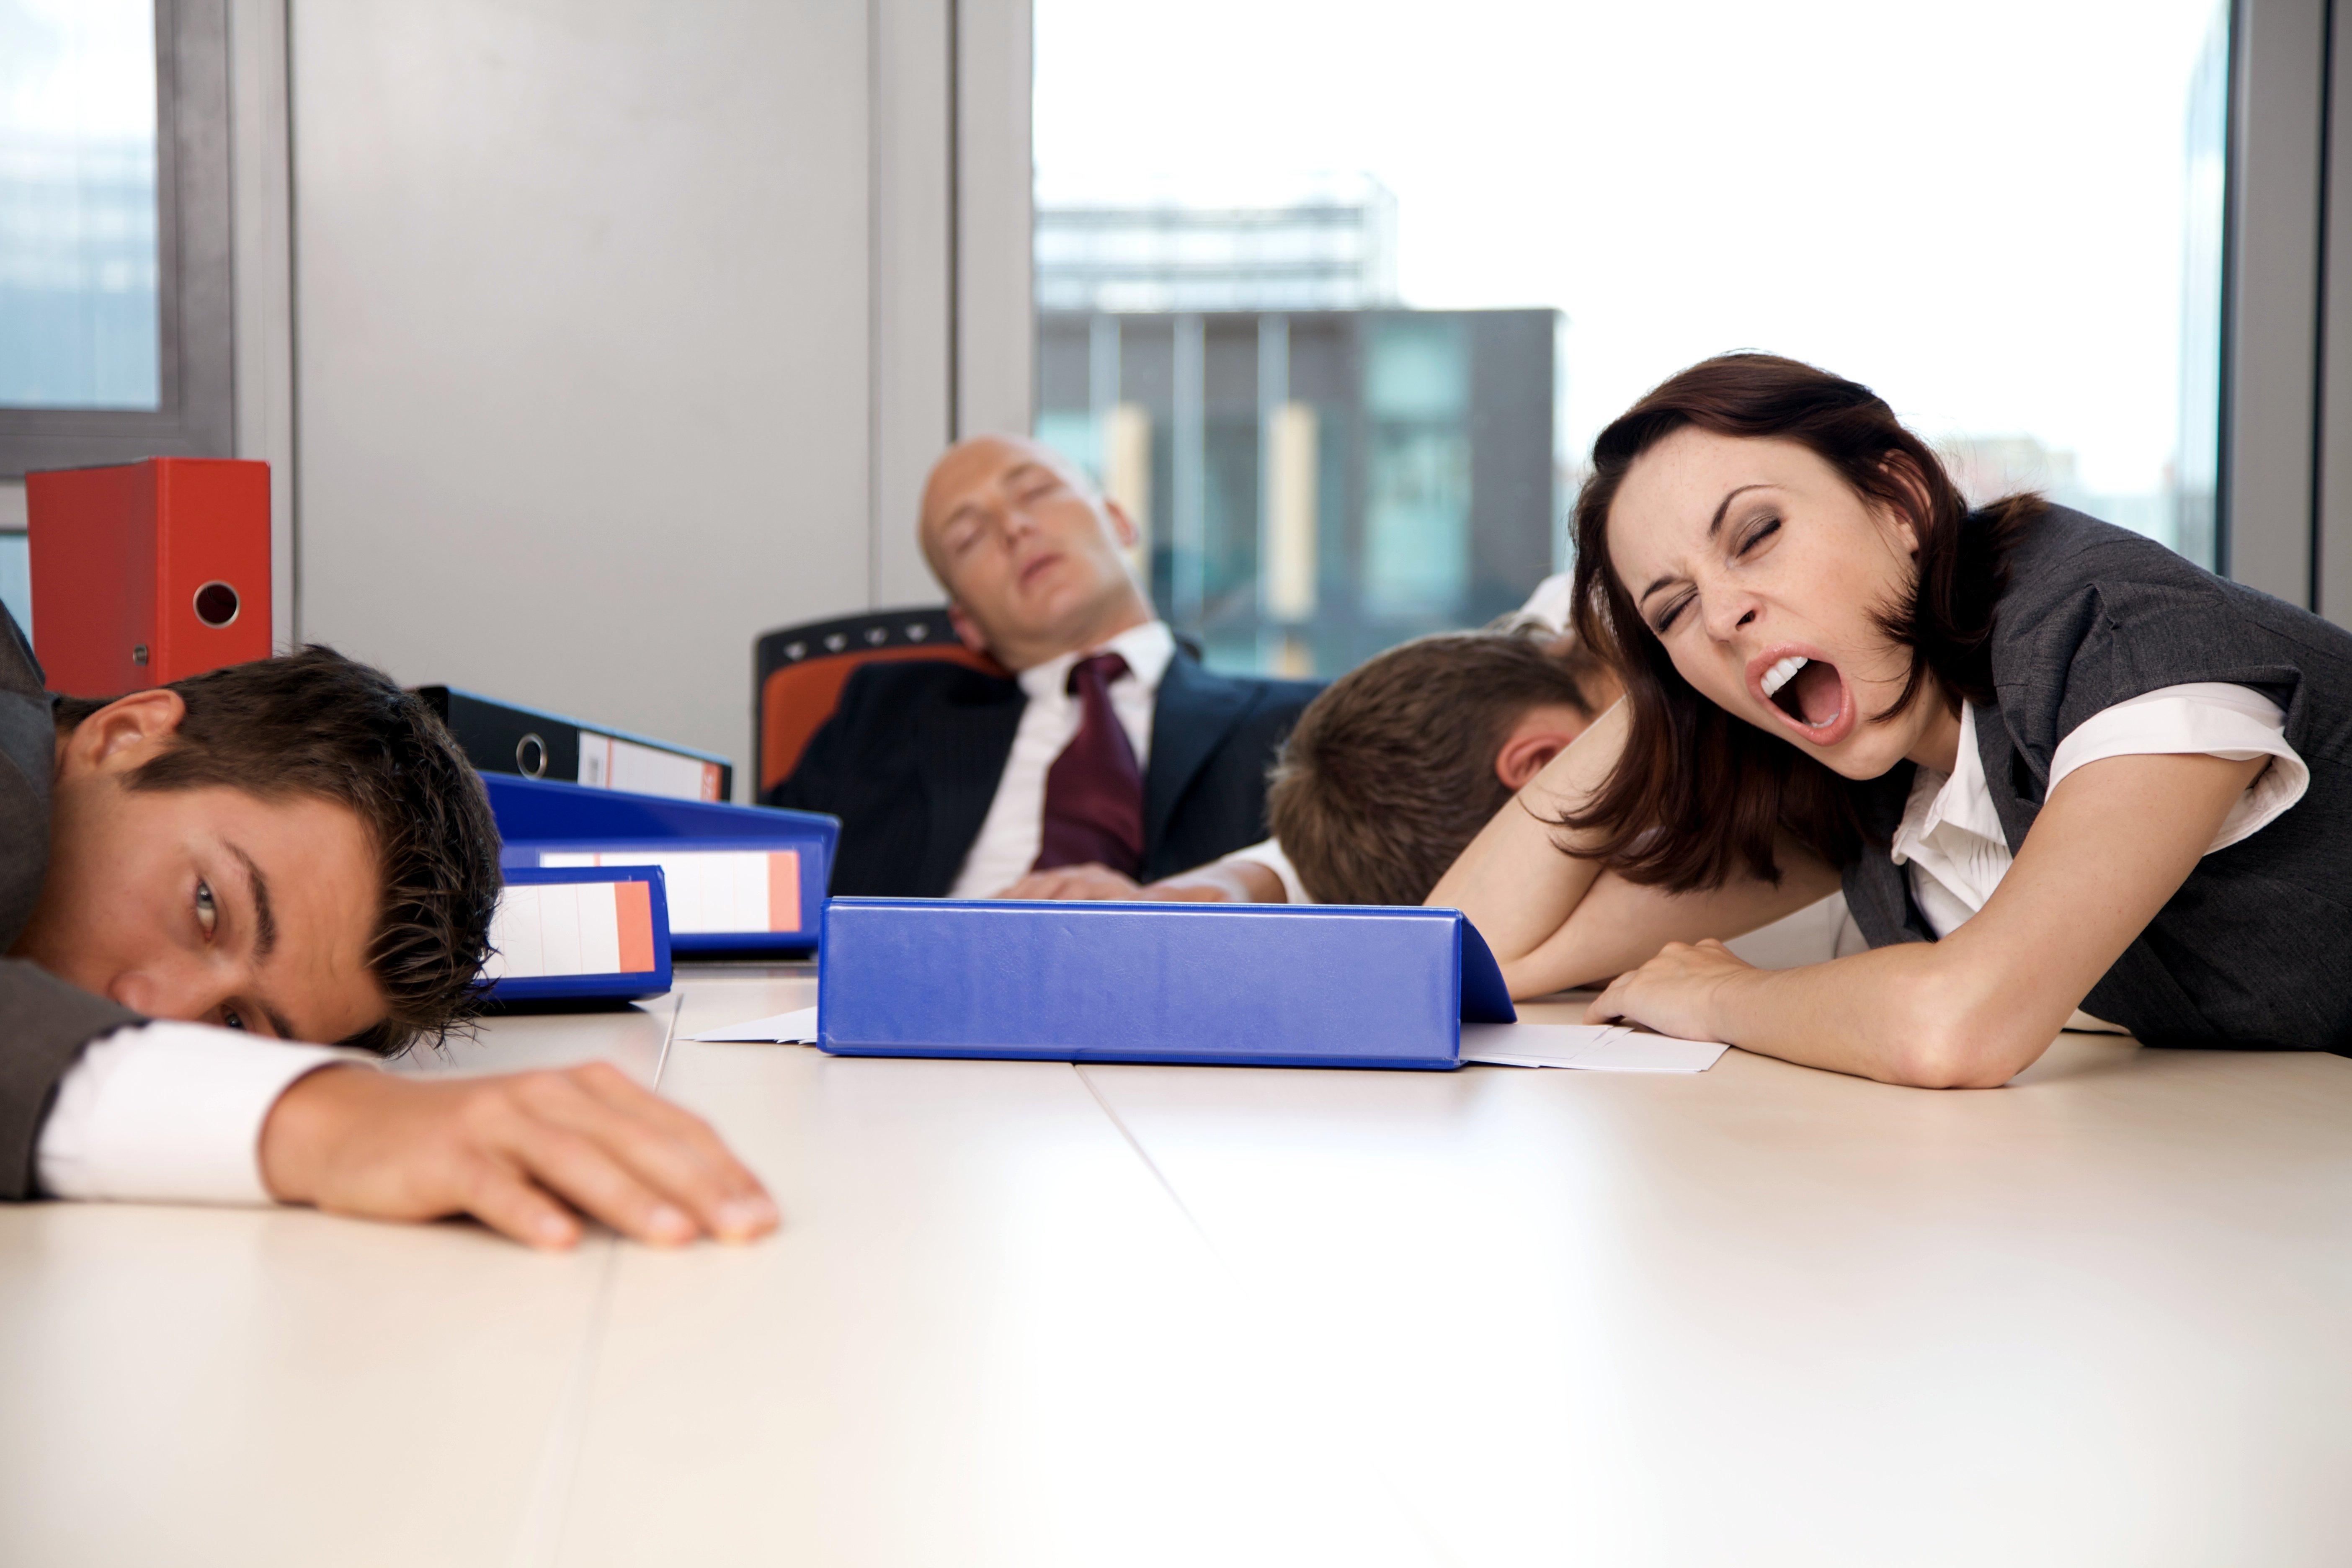 Менеджеры на работе смешные картинки